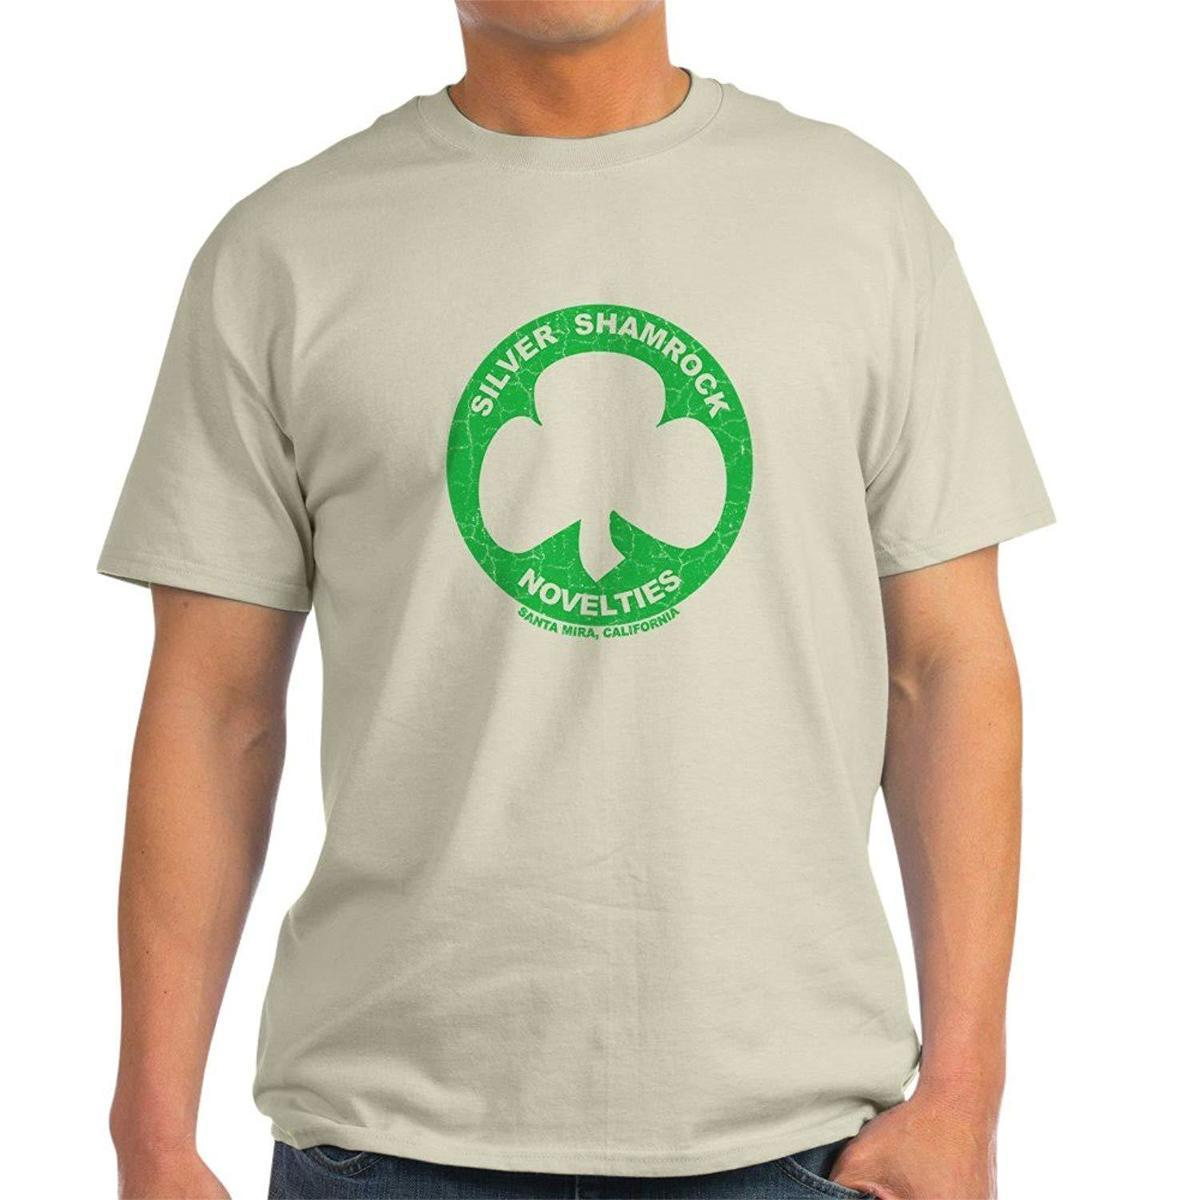 a990a8017 CafePress Silver Shamrock Faded Light T Shirt 100% Cotton T Shirt Rude T  Shirts Shirt Online From Linnan00009, $14.67| DHgate.Com